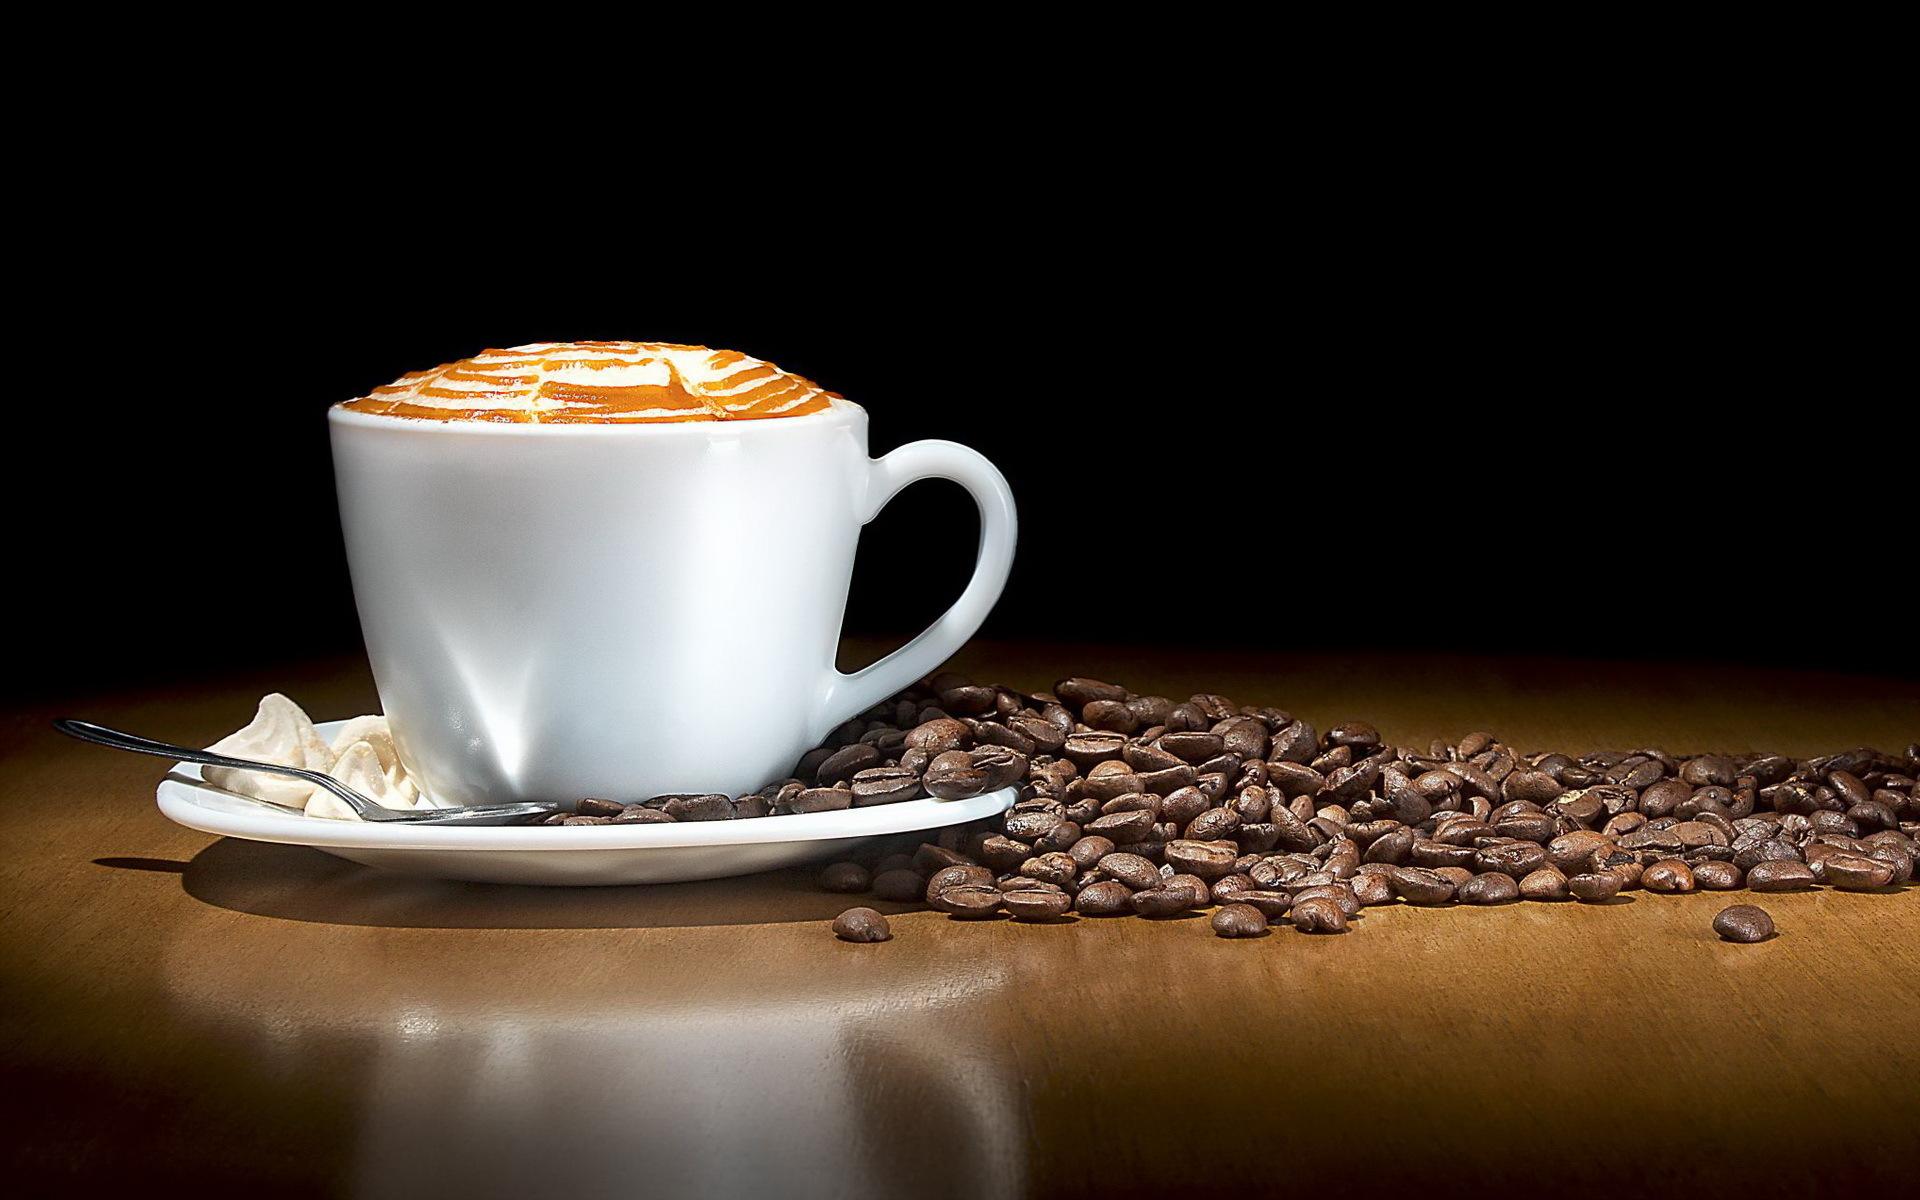 Kaffeepause kastania - € 18.00 pro PersonKaffee/ Tee/Orangensaft/Wasser, Gebäck/Blechkuchen, halbe belegte Brötchen - Schinken, Brie, Salami, Räucherlachs